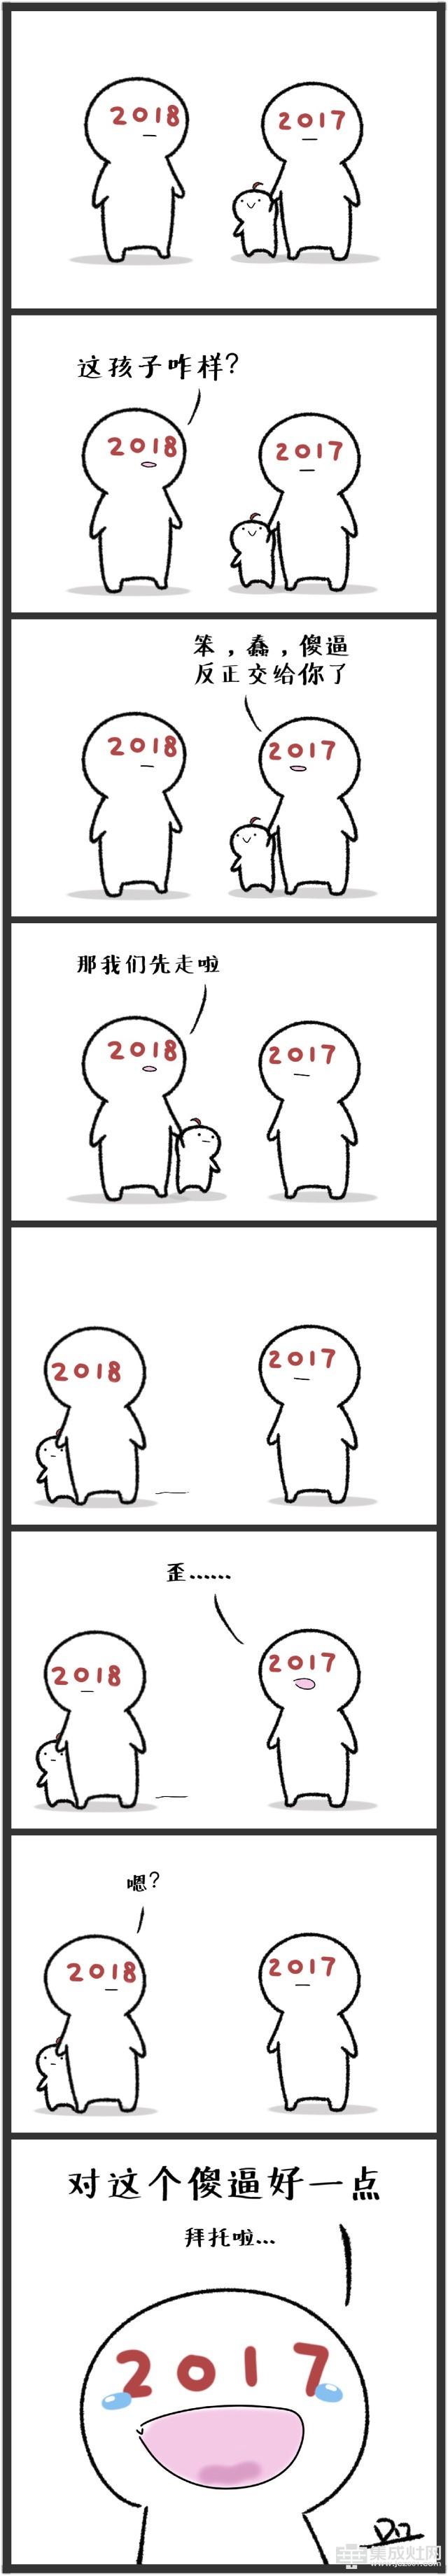 美多集成灶:告别2017 拥抱2018